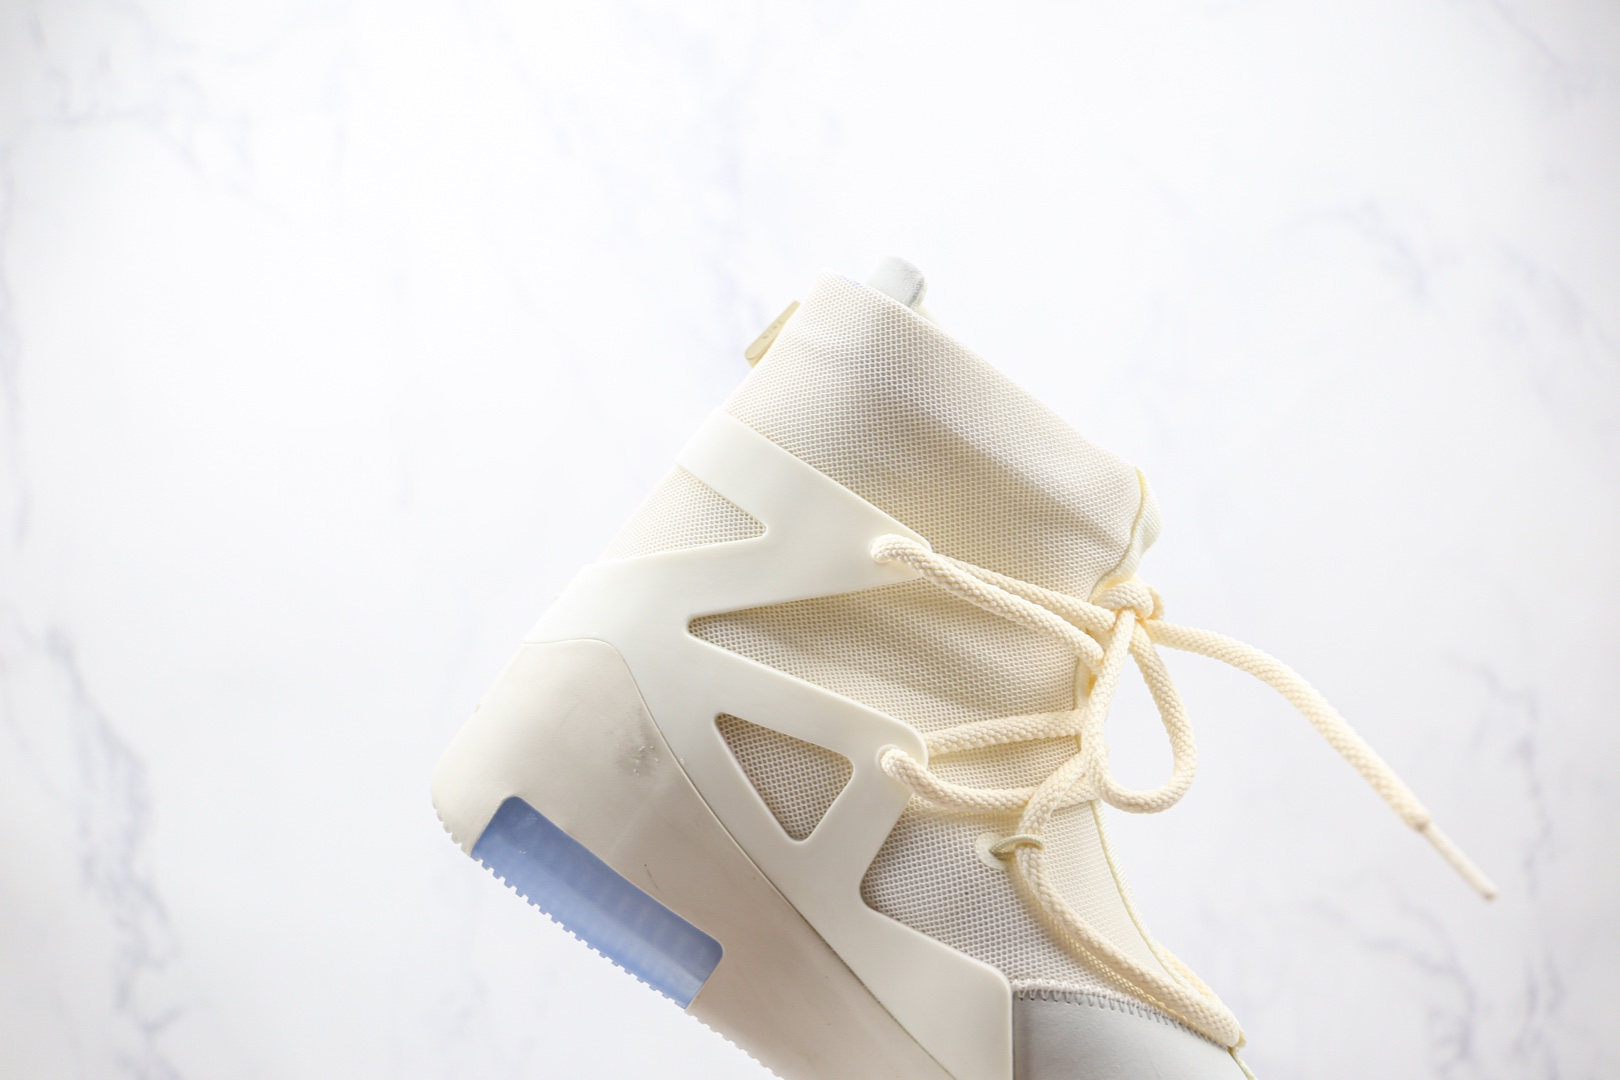 耐克Nike Air Fear of God 1 String The Question x FOG联名款纯原版本高帮网面白蓝淡蓝色拉链款高街鞋原盒原标原档案数据开发 货号:AR4237-100